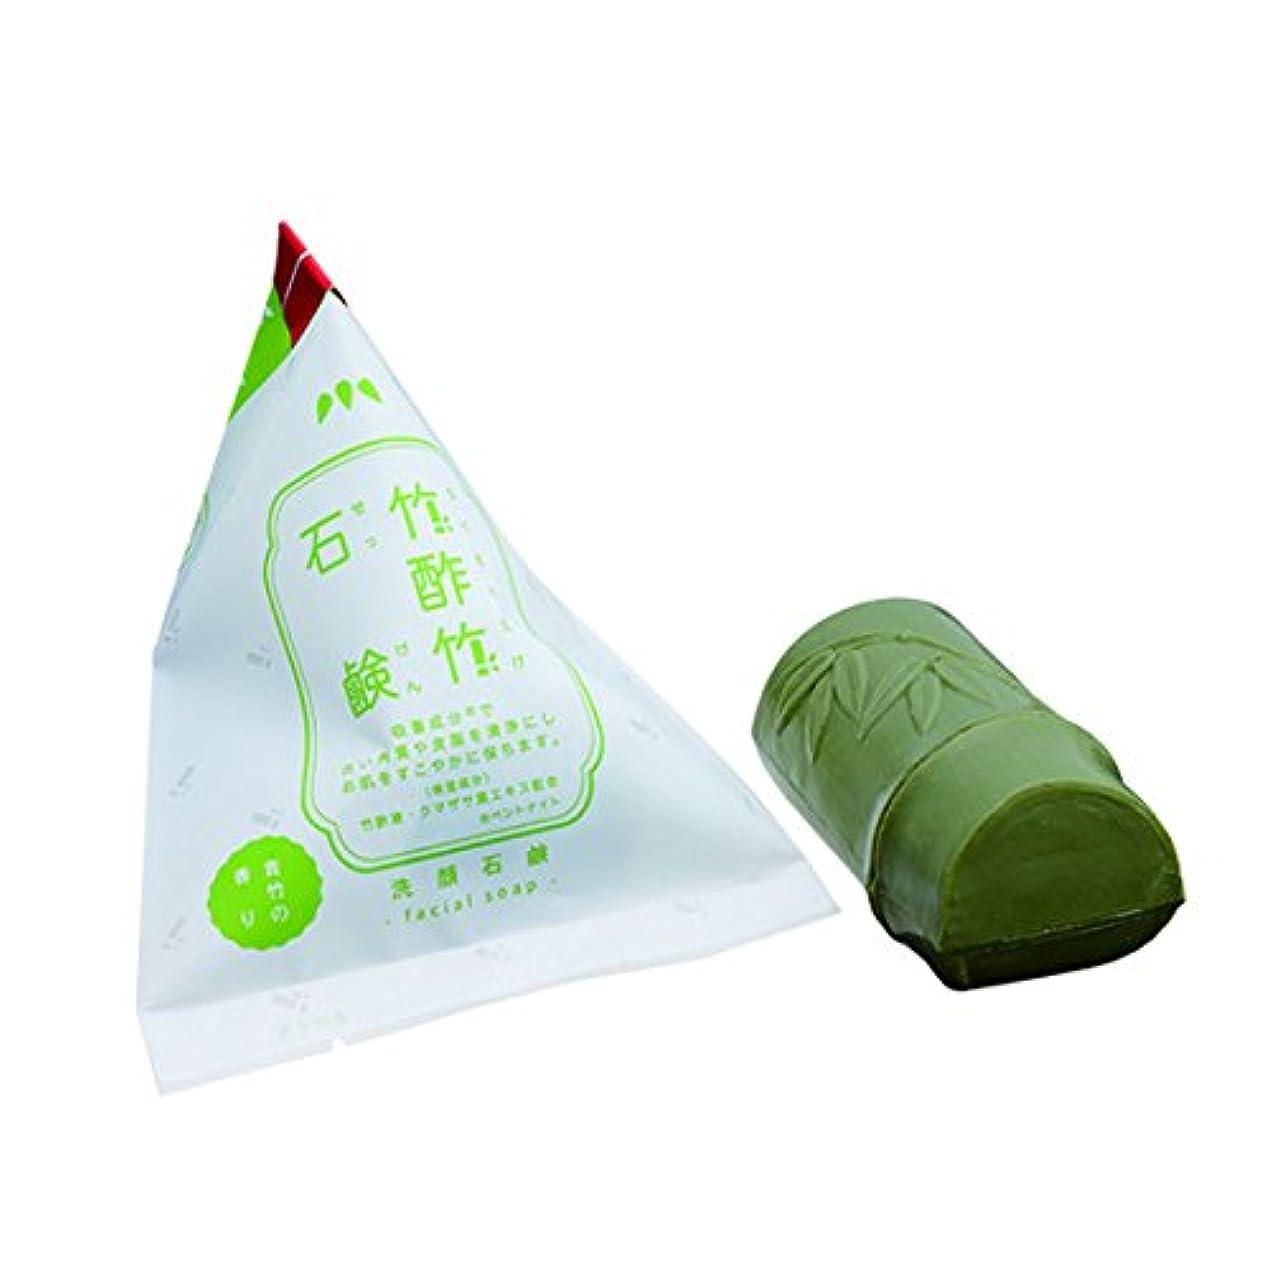 慎重に定数数学的なフェニックス 化粧石けんAB(竹酢竹石鹸)標準重量120g